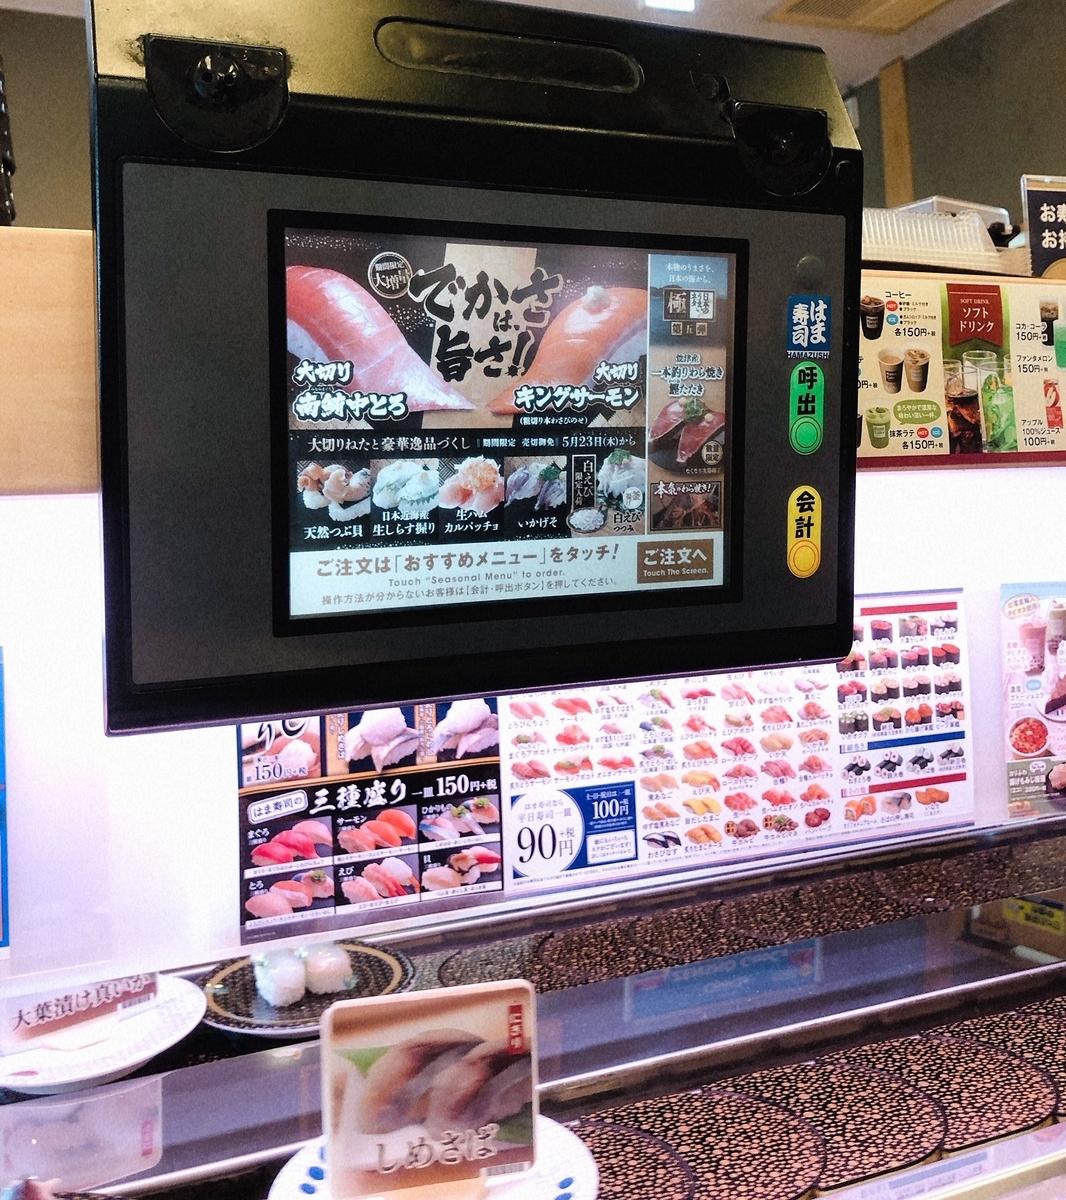 はま寿司のオーダー端末